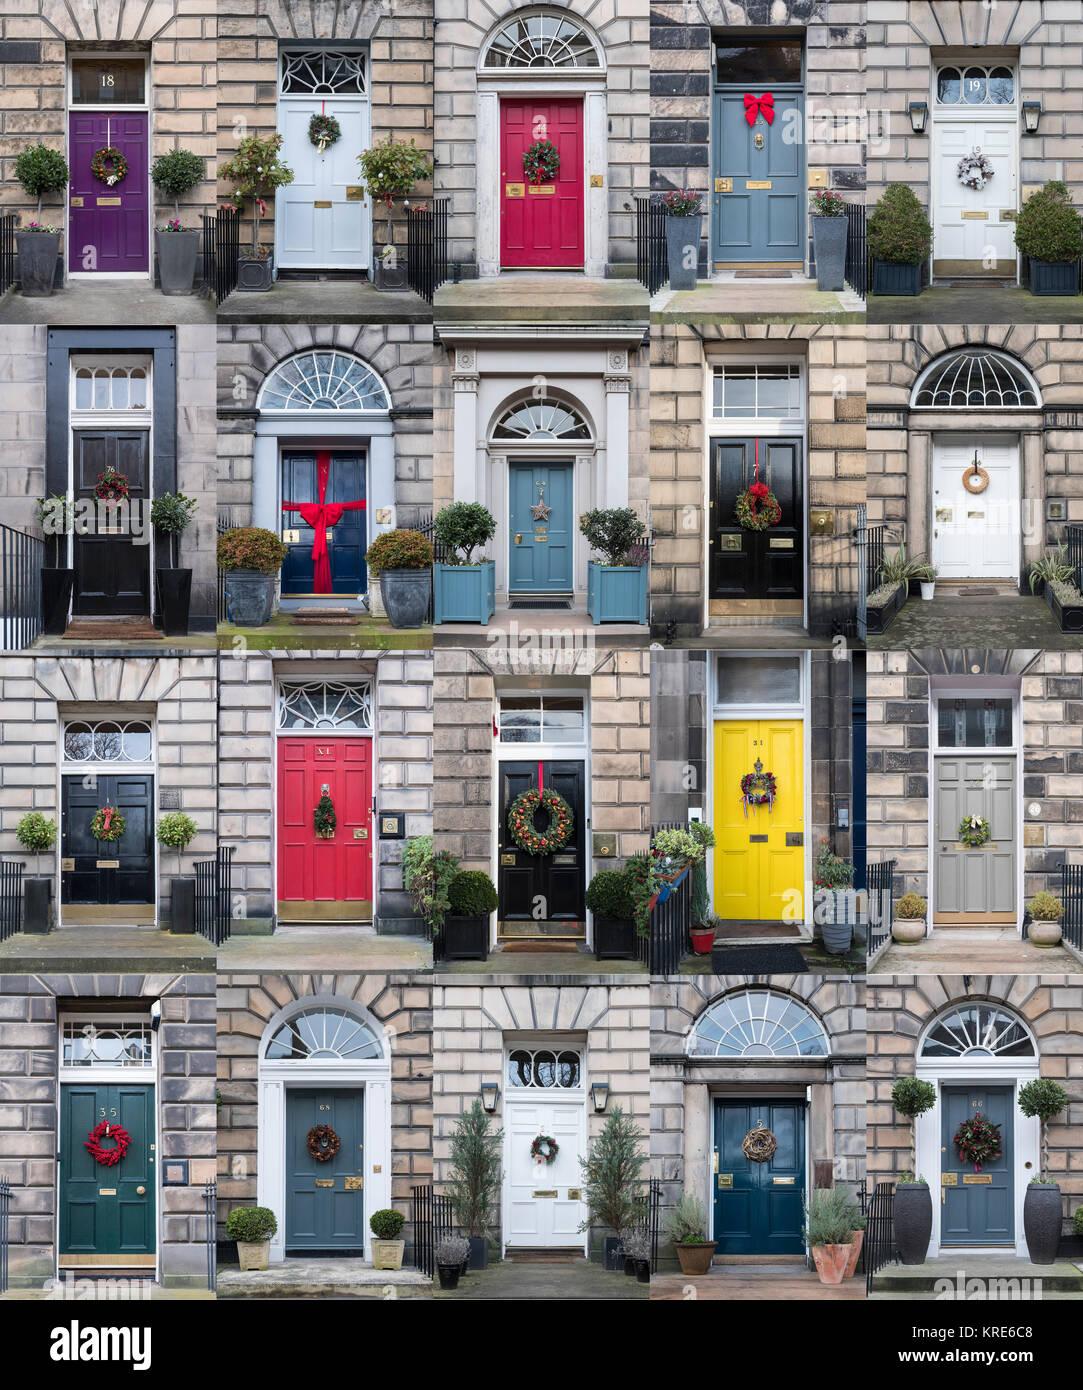 Collage di molte case con porte anteriori decorate a Natale nella New Town di Edimburgo , in Scozia, Regno Unito Immagini Stock